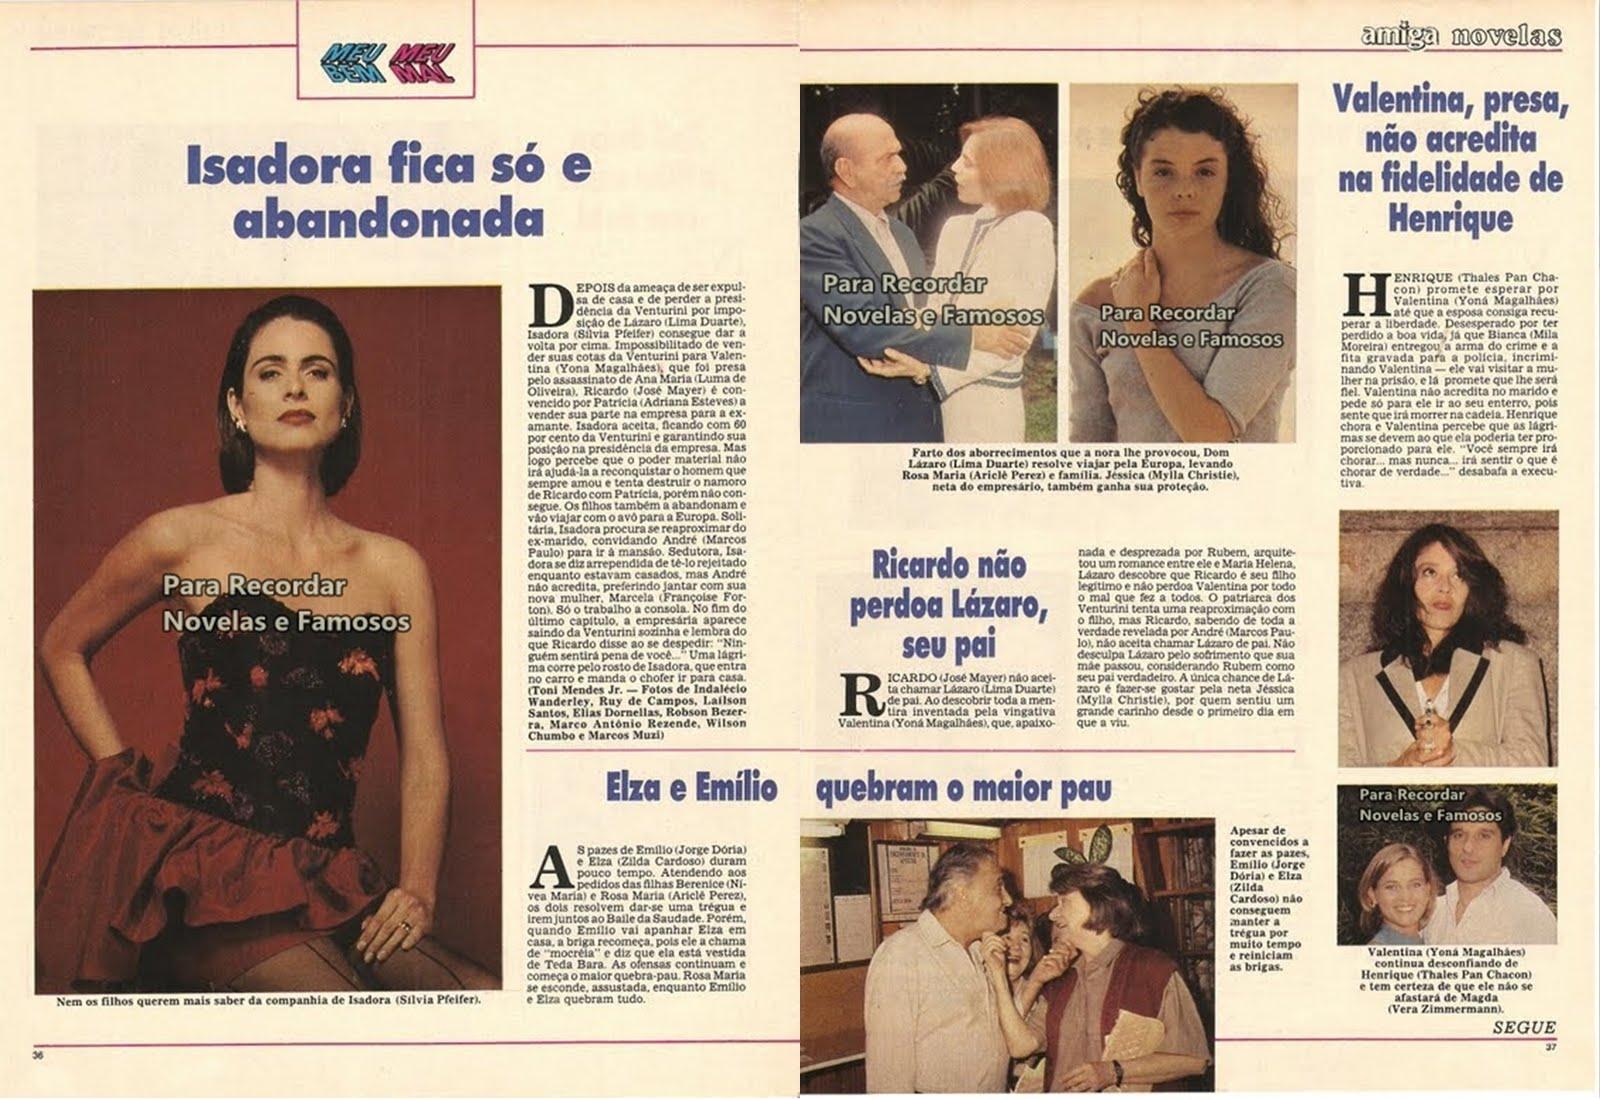 Обо всех и обо всем - Бразилия - Página 7 MEU%2BBEM%2BMEU%2BMAL%2B01